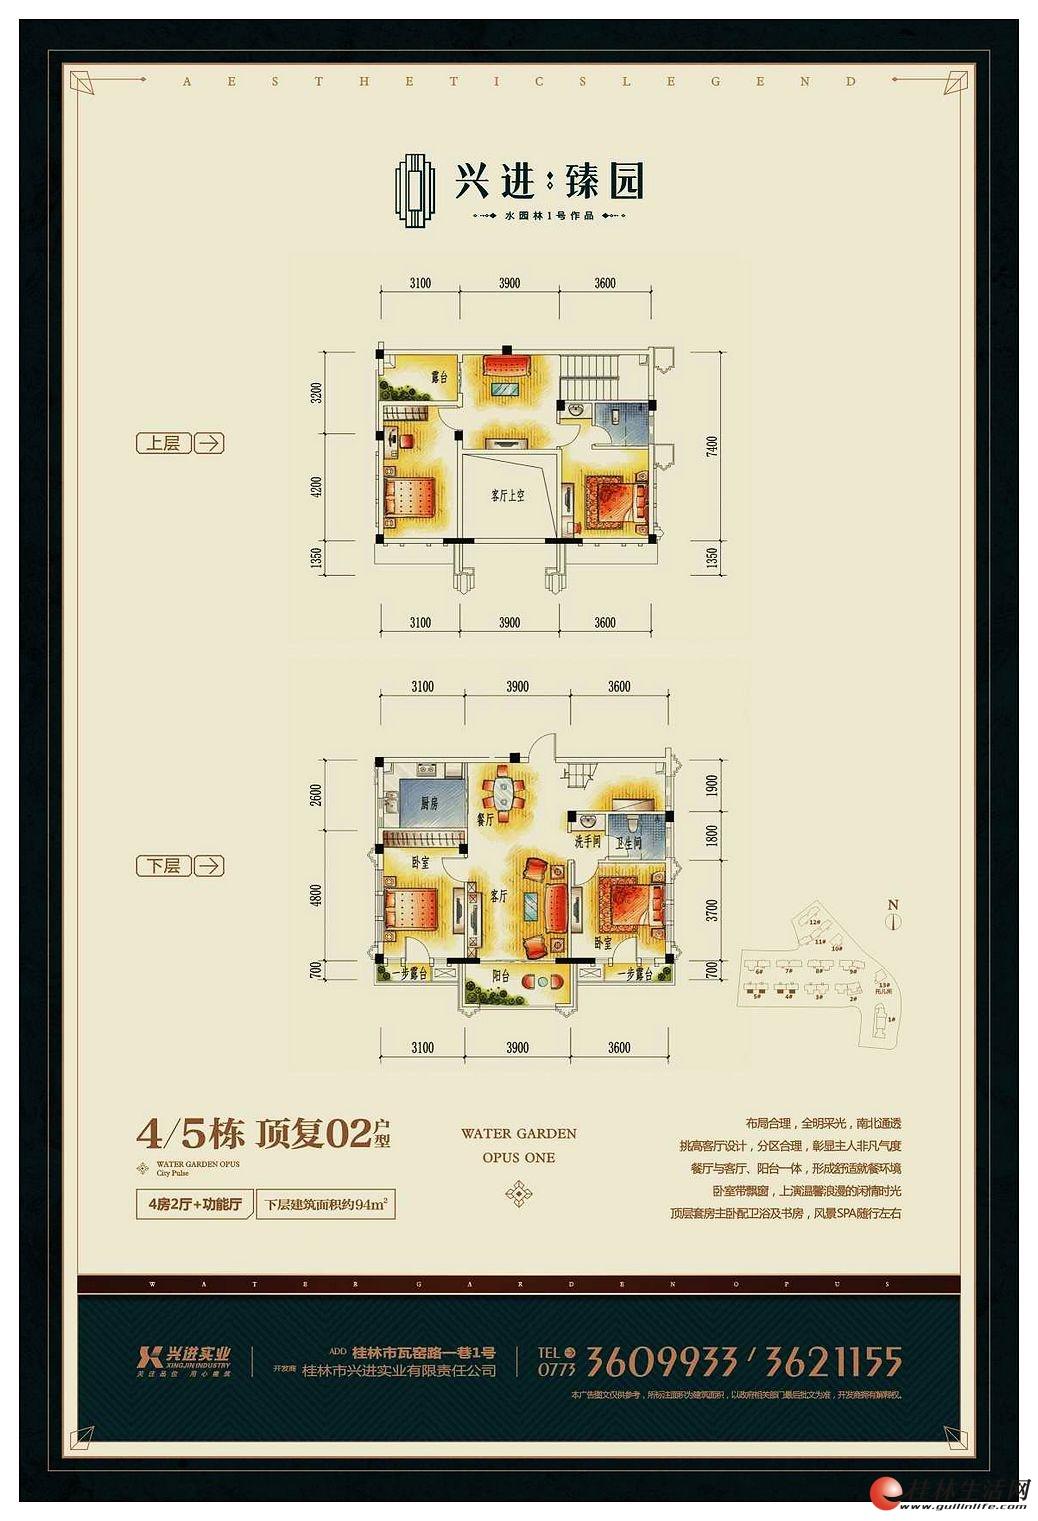 4/5栋 顶复02户型 四房两厅+功能厅